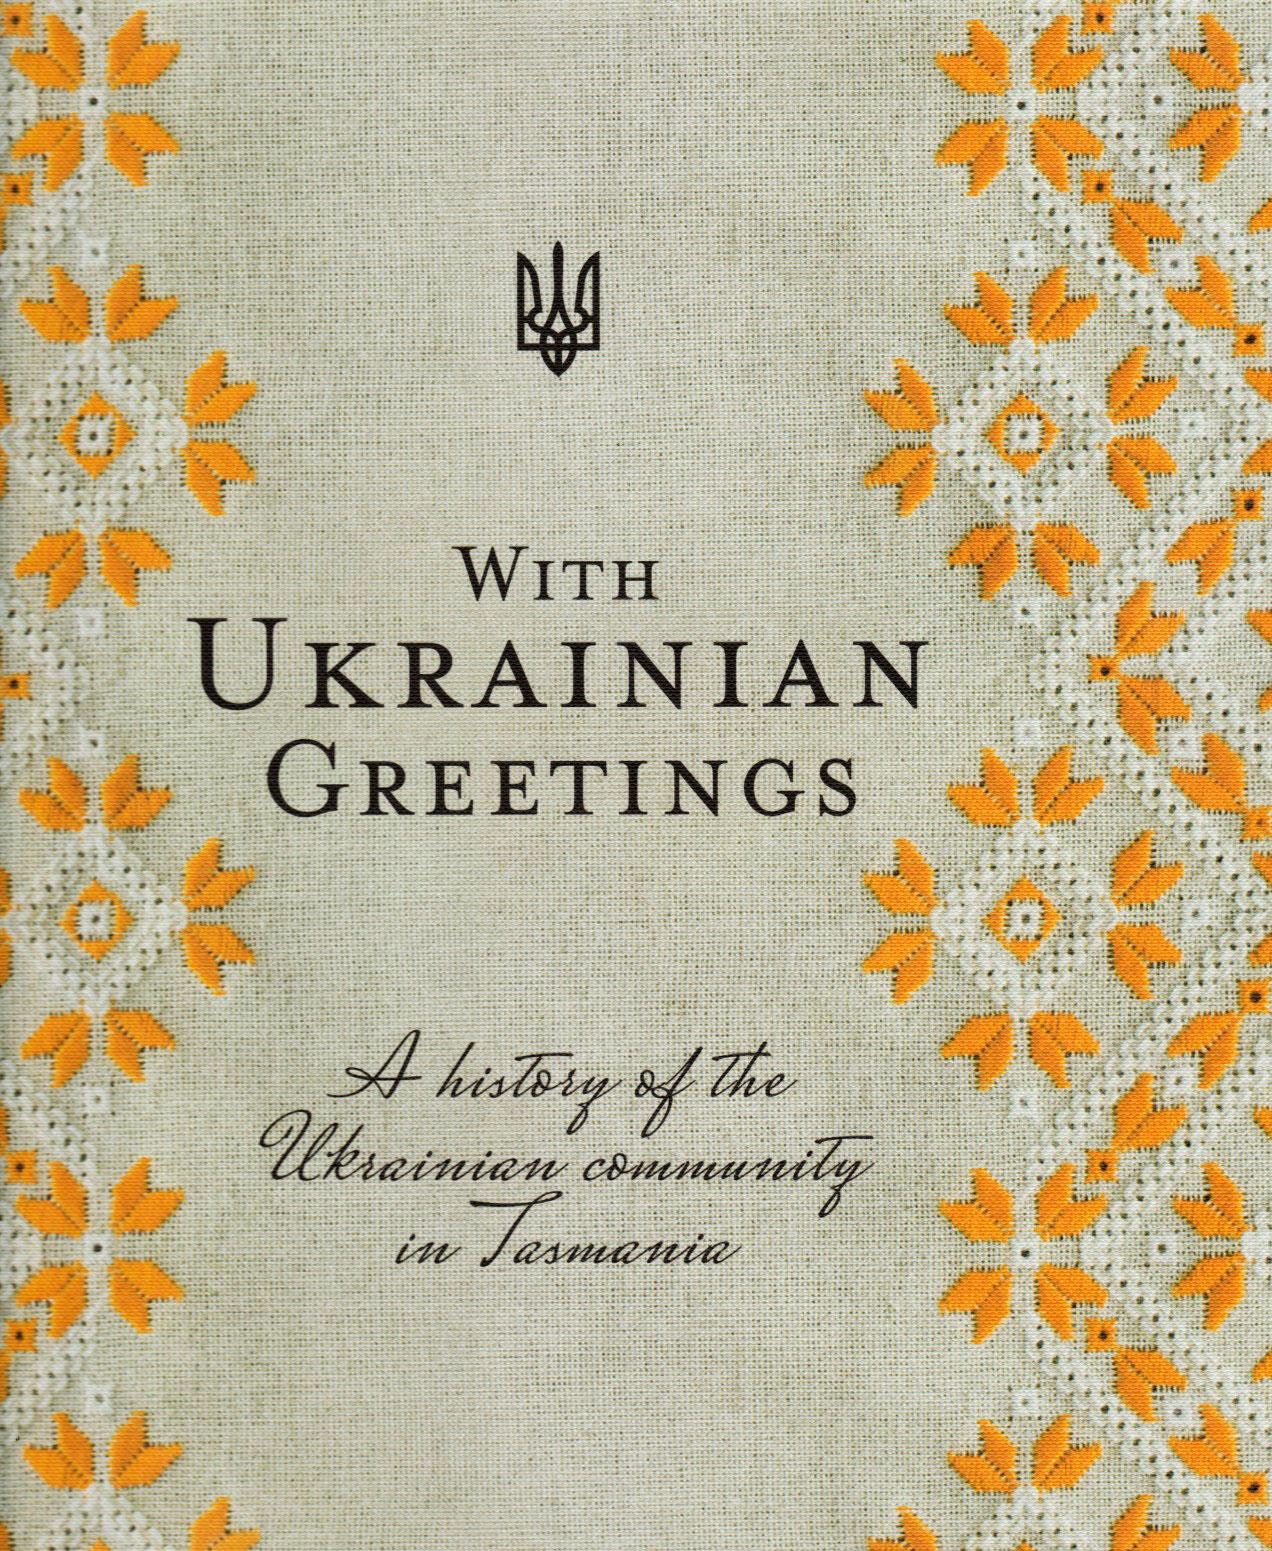 With Ukrainian Greetings